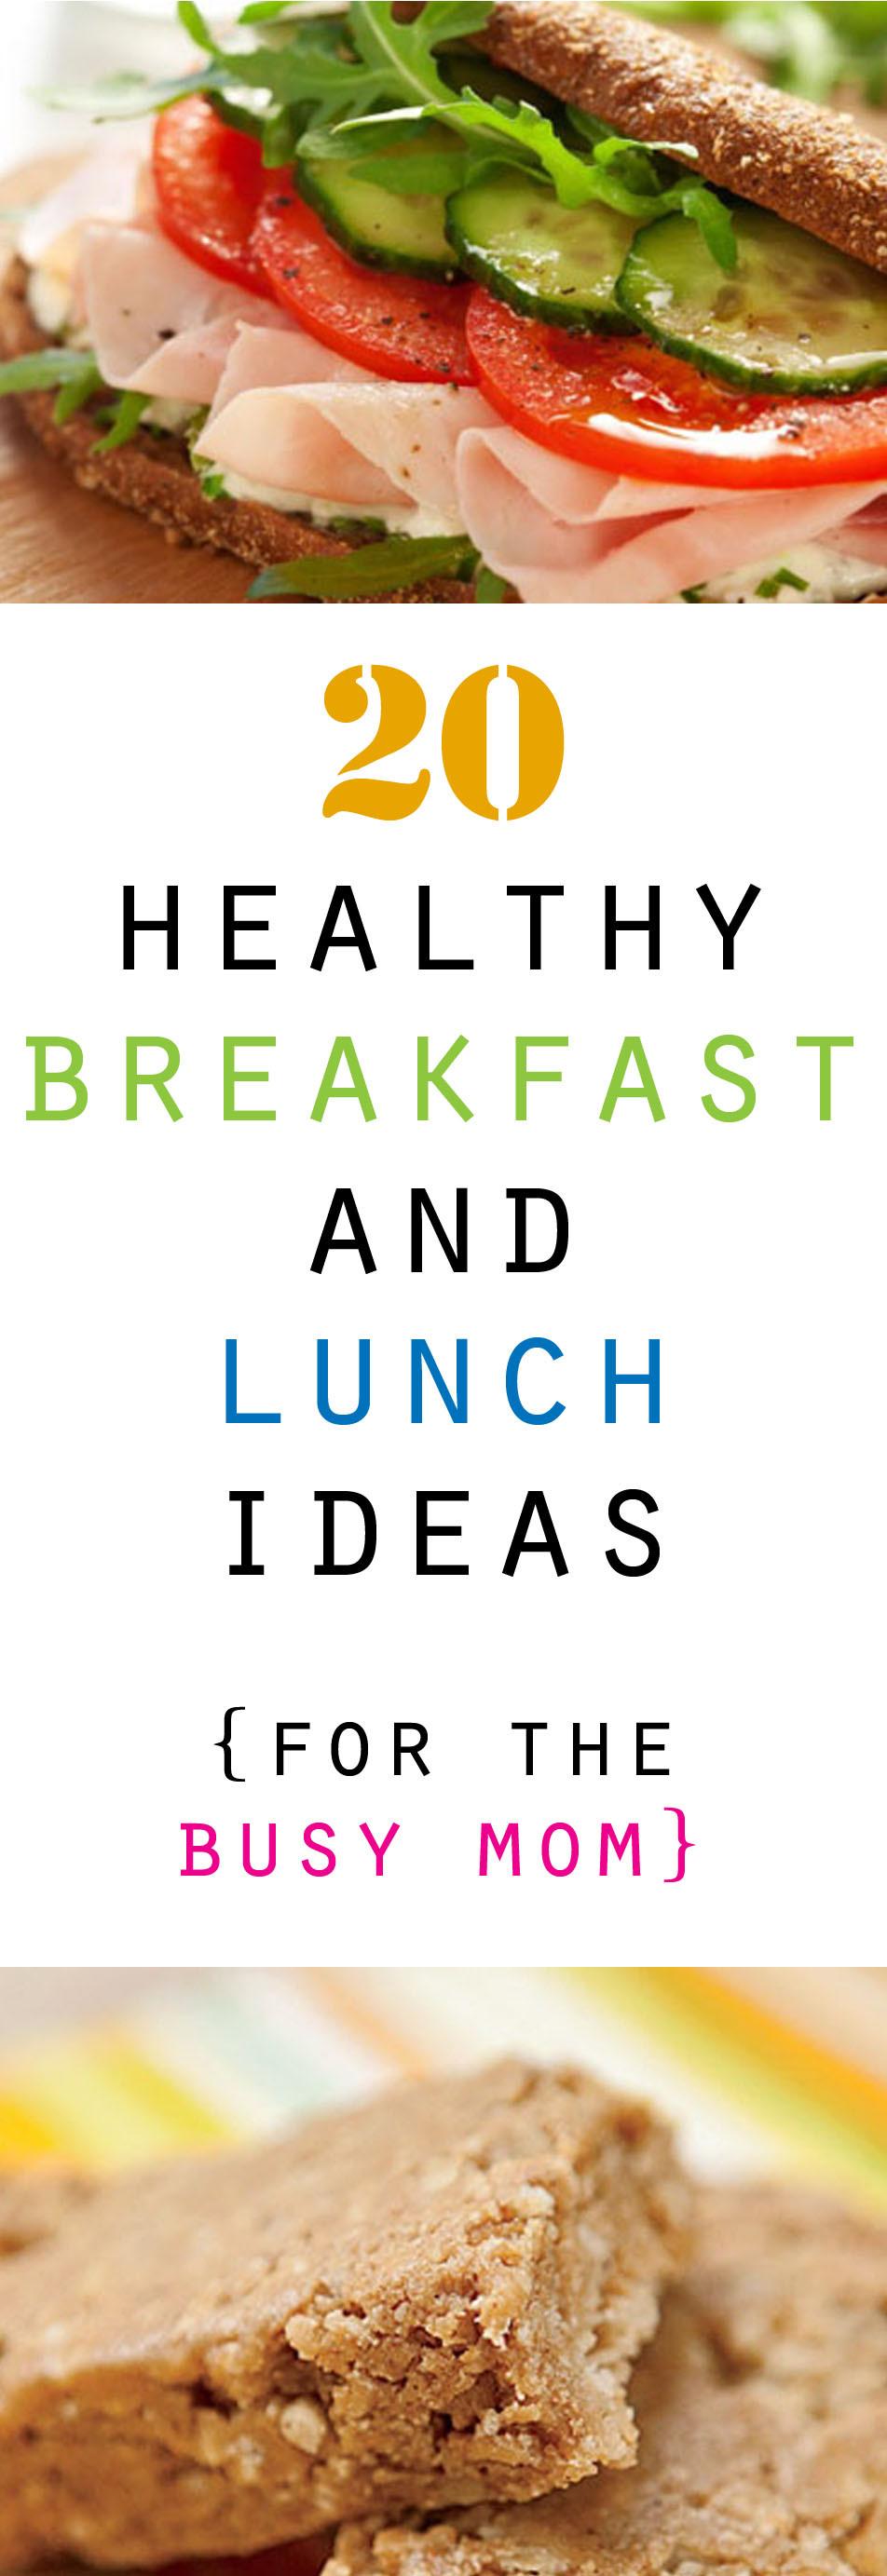 Healthy Breakfast Sandwich Ideas  20 Healthy Breakfast and Lunch Ideas Honeybear Lane